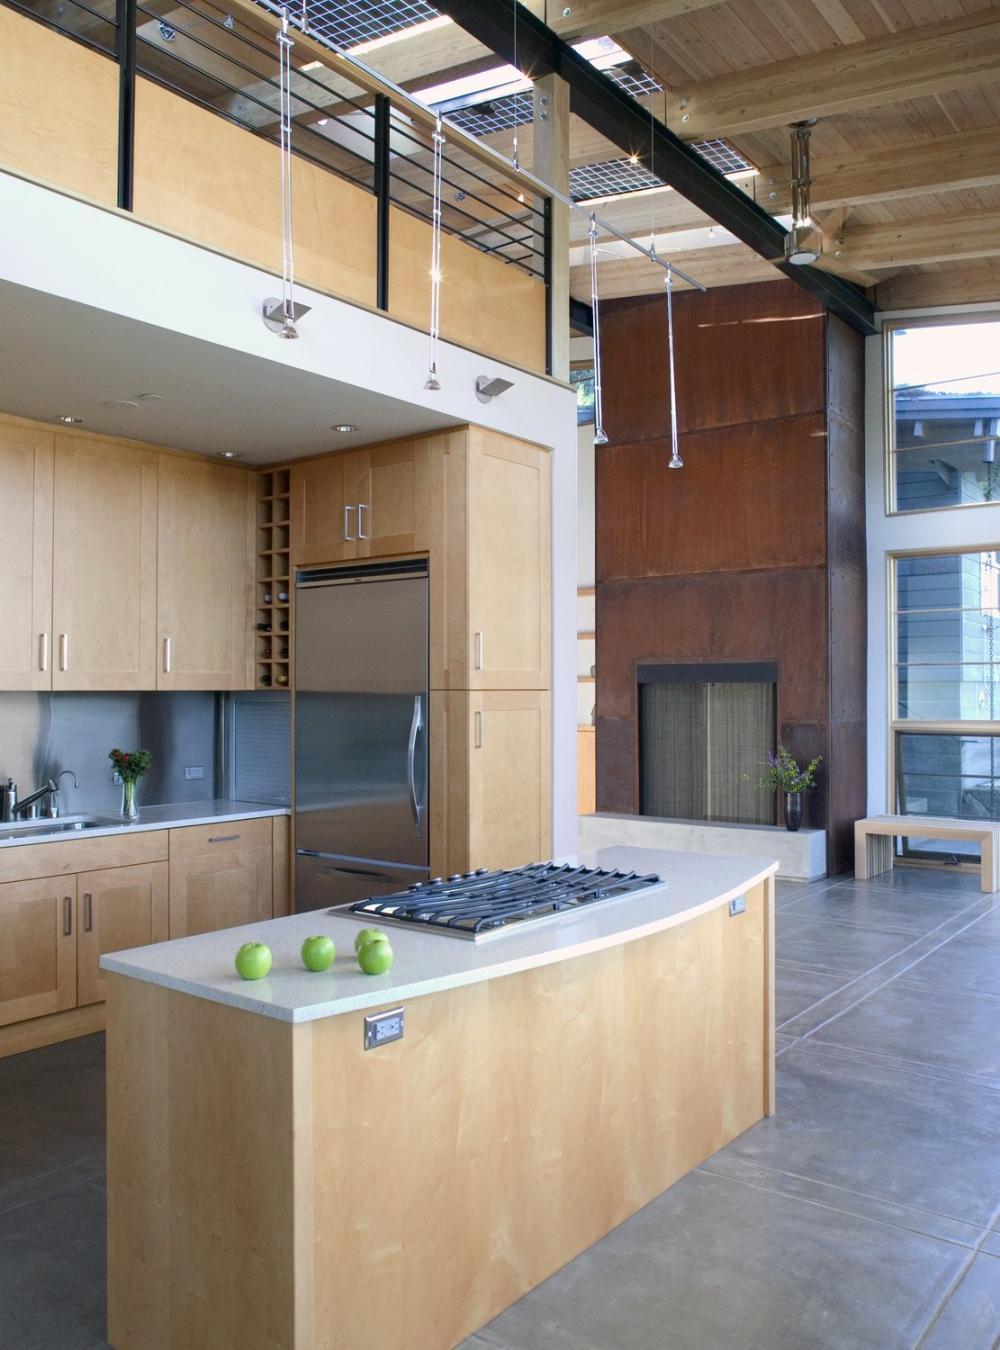 Hệ thống đèn thả mang lại ánh sáng vàng nhẹ nhàng cho cả căn bếp